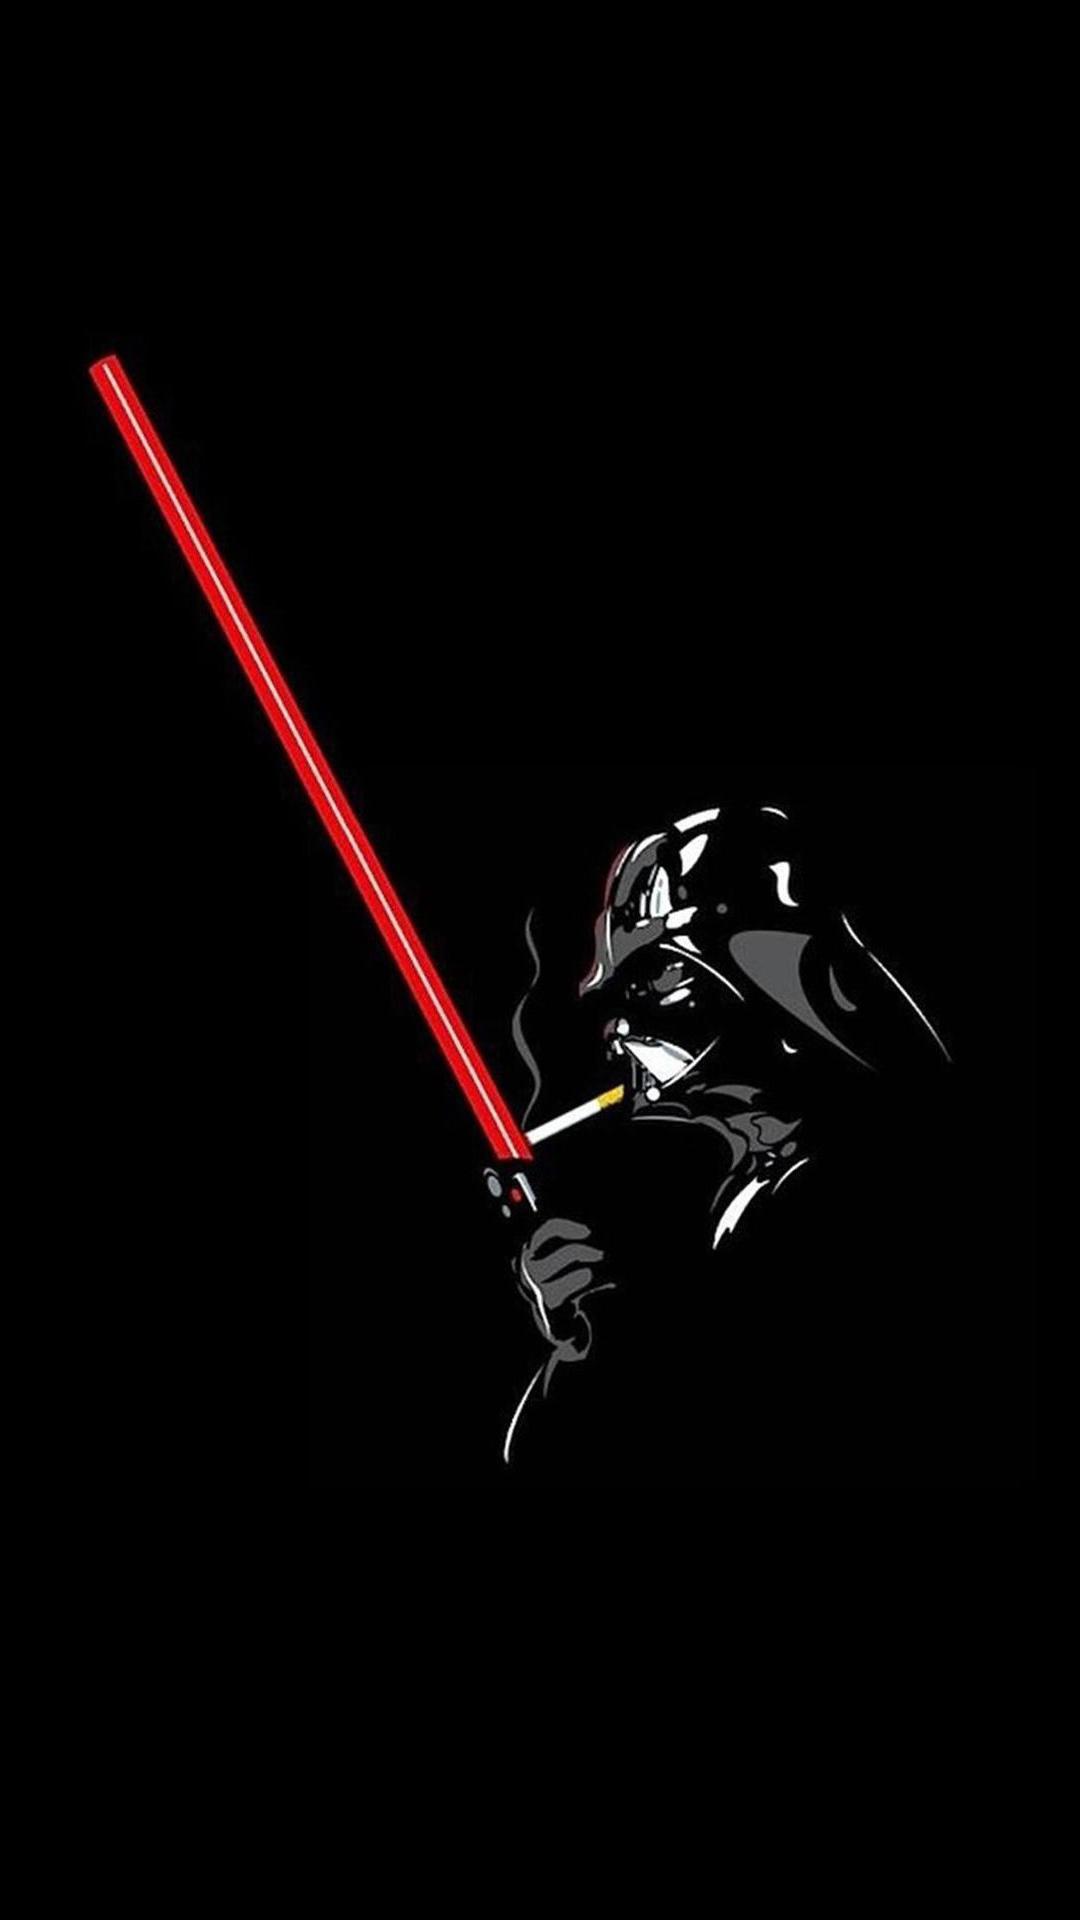 Darth Vader Smoking Phone Wallpaper